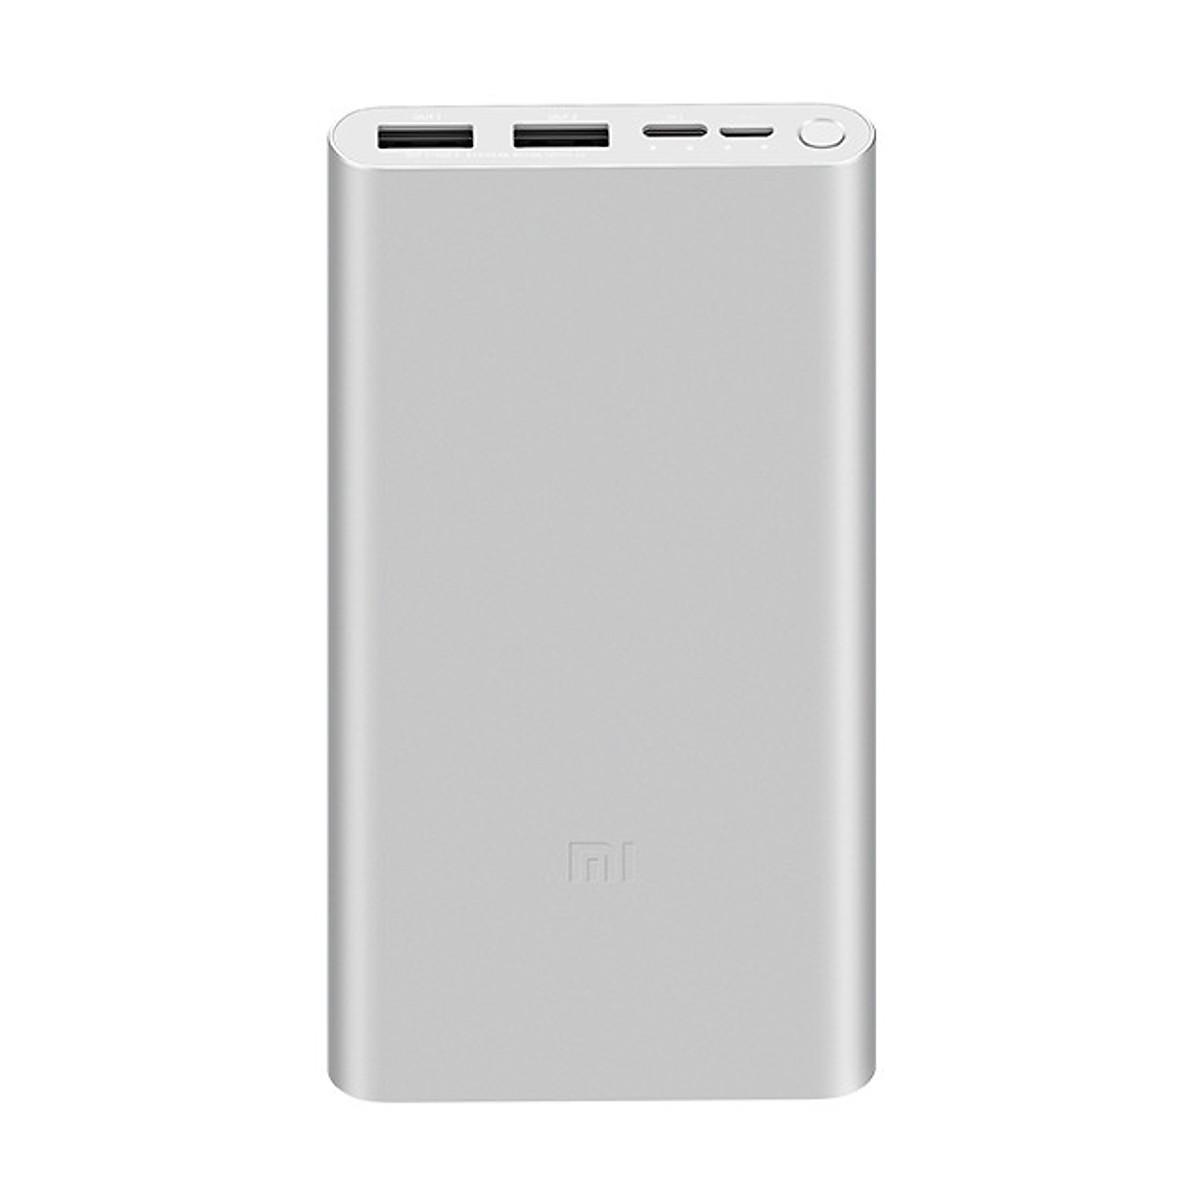 Pin sạc dự phòng Xiaomi 10000mAh Gen 3 PLM13ZM - Hàng Nhập Khẩu